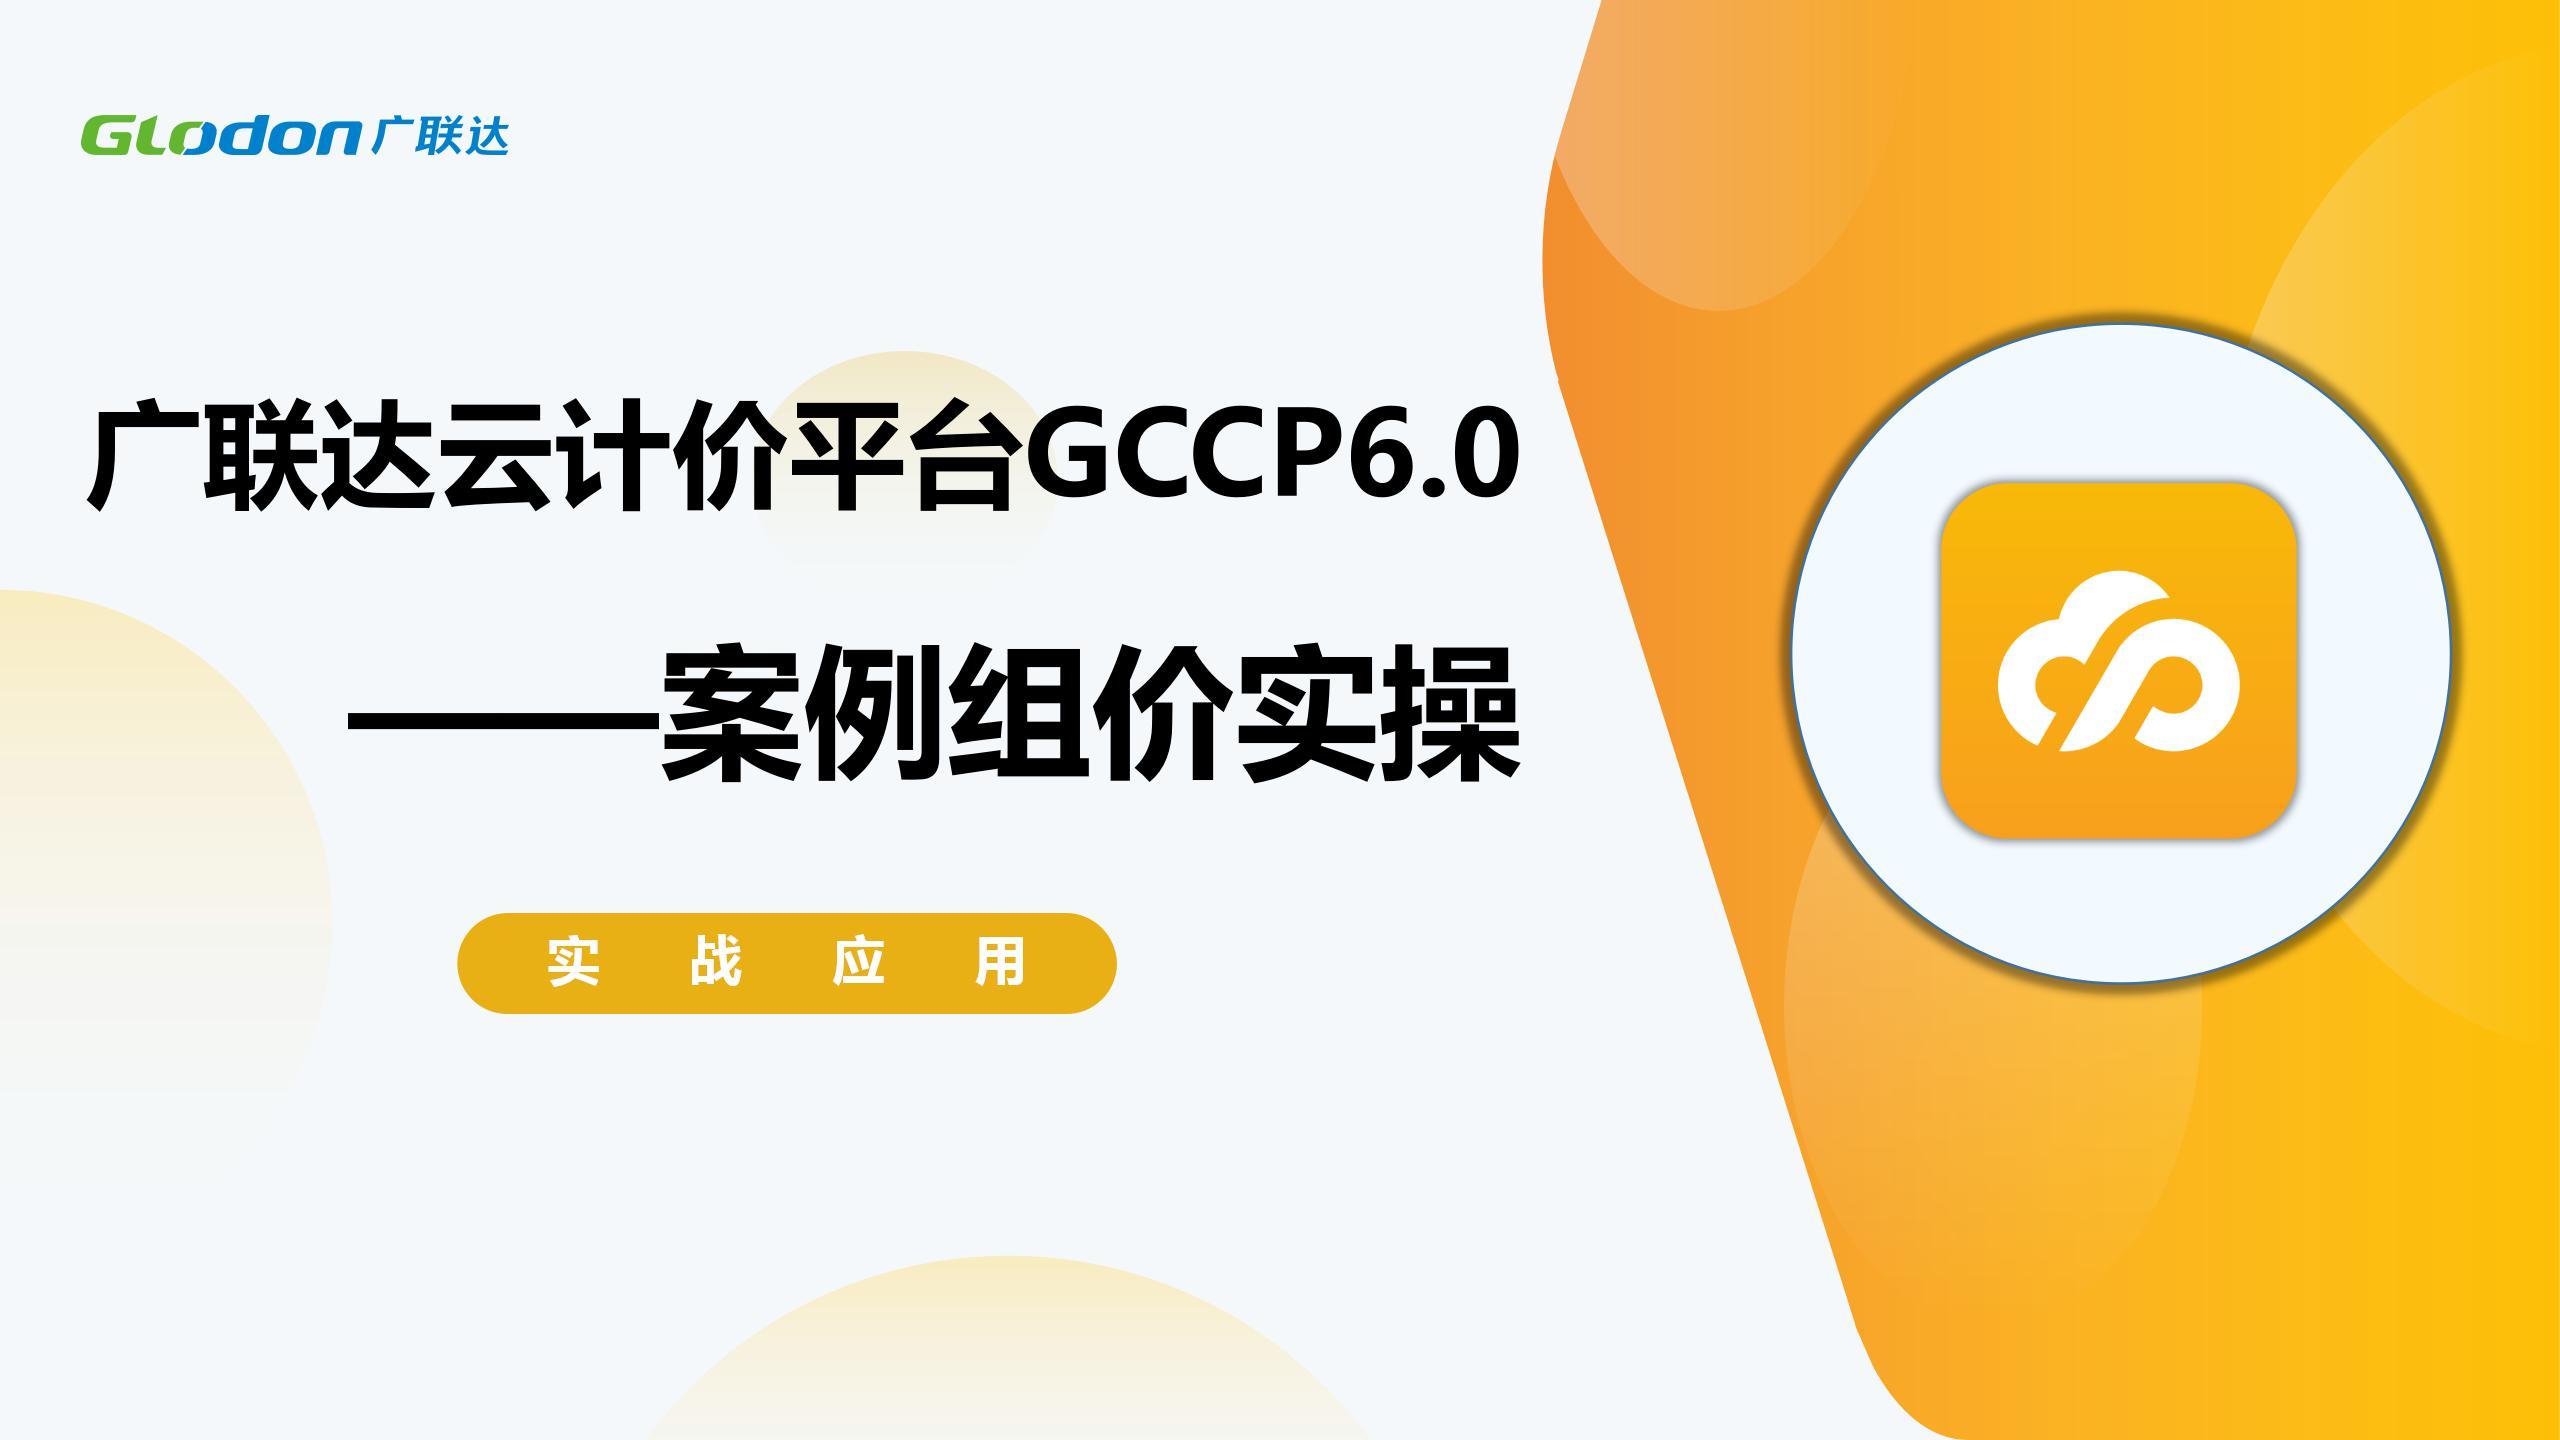 廣聯達云計價平臺GCCP6.0 案例組價實操